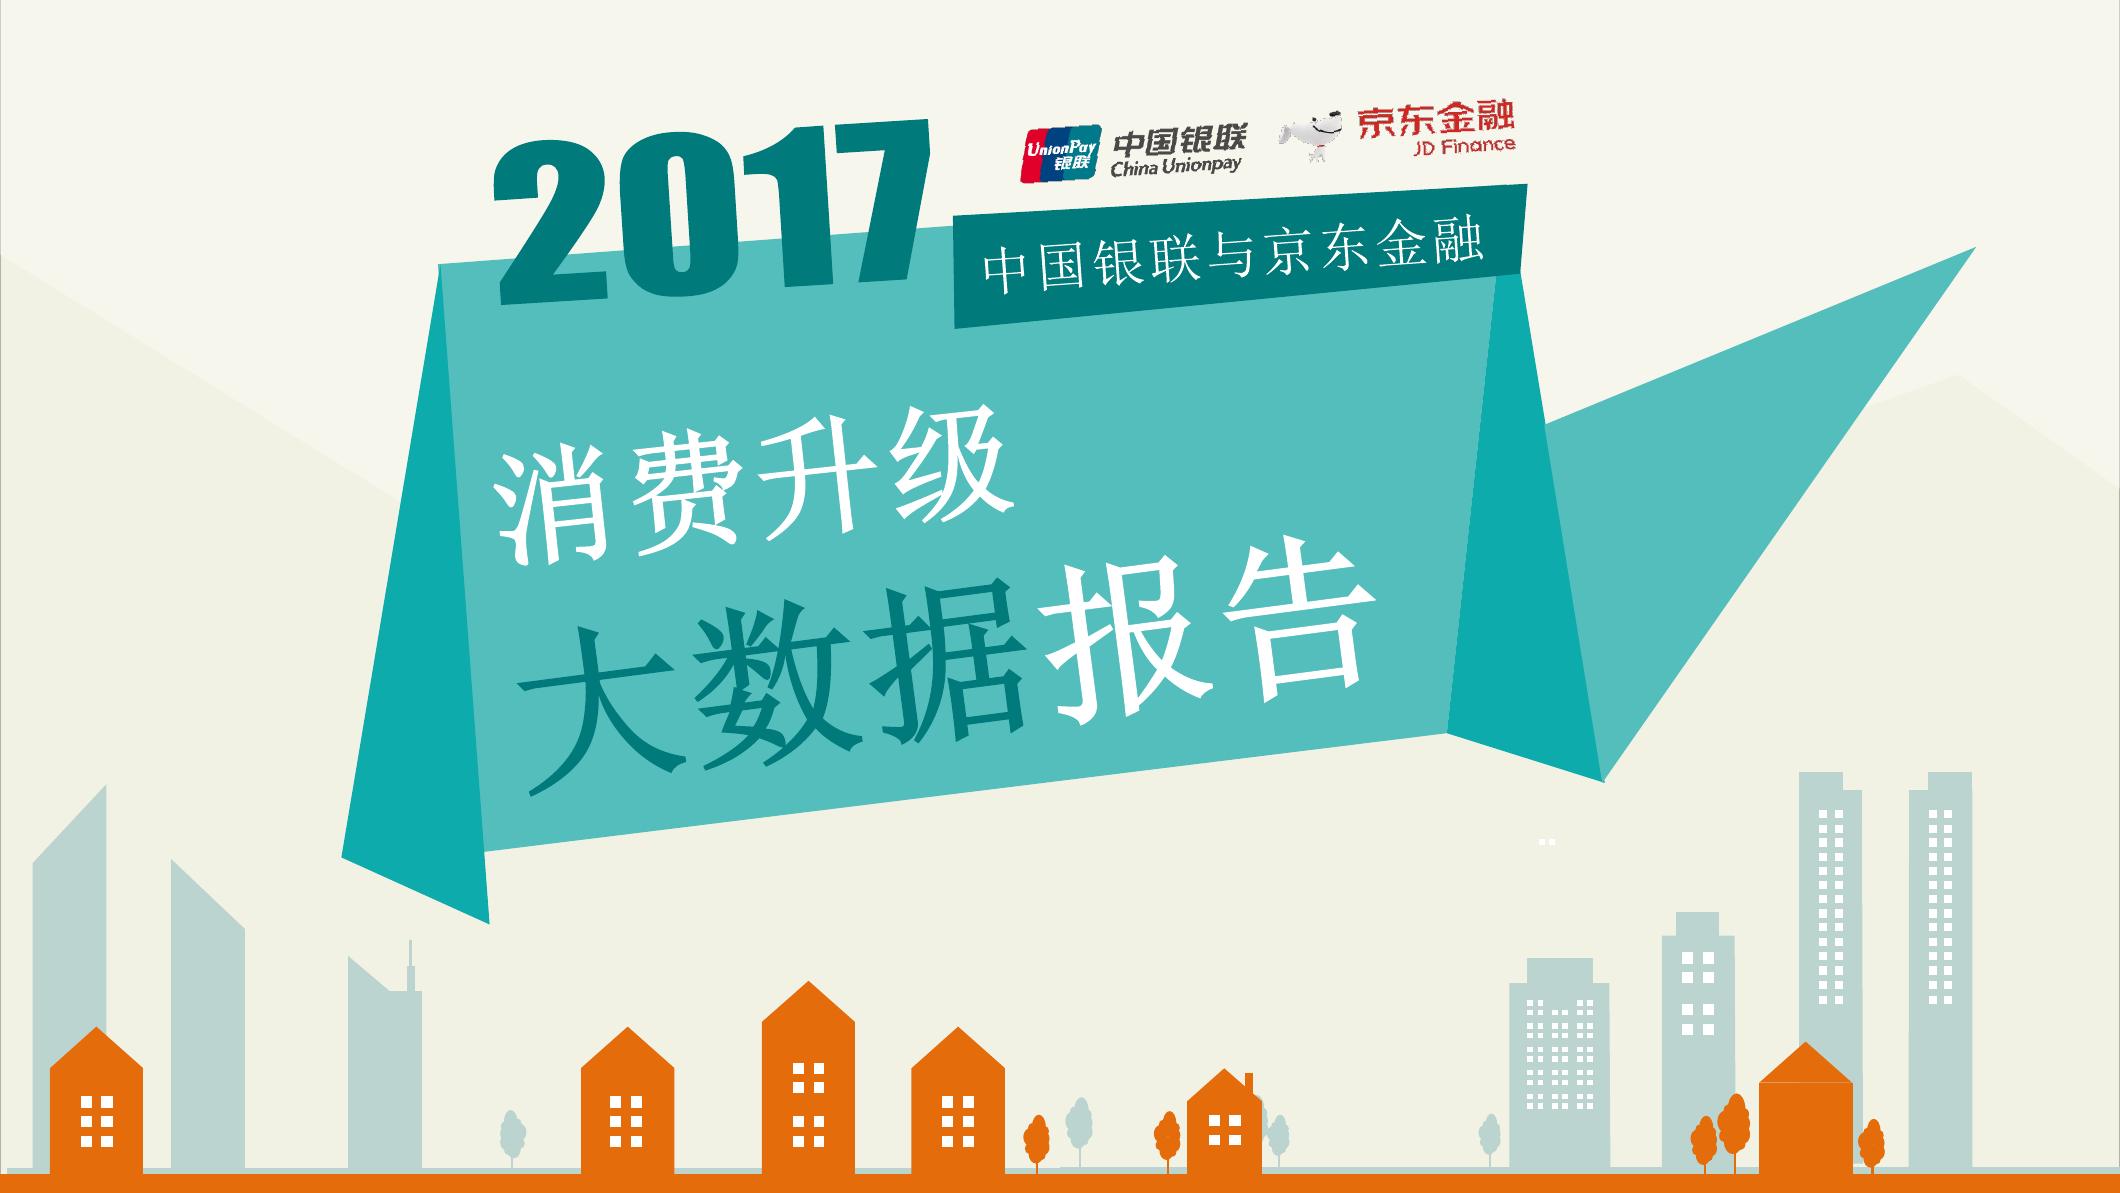 中国银联&京东金融:2017年消费升级大数据报告(附下载)